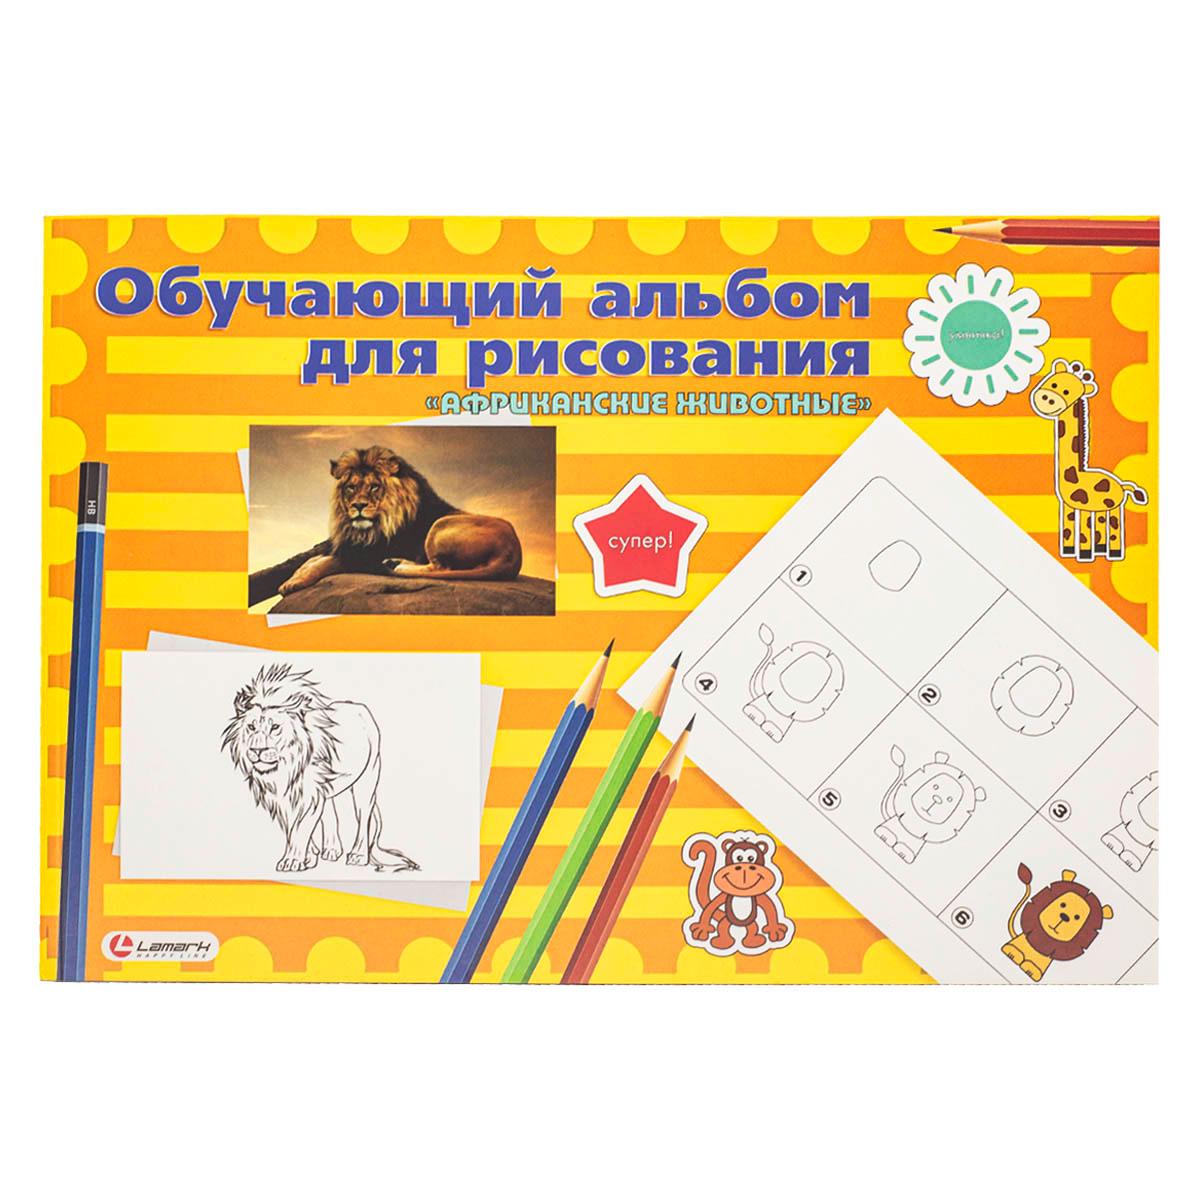 LAMARK28398 Альбом для рисования Обучающий 24л. на склейке Африканские животные, 100г/м